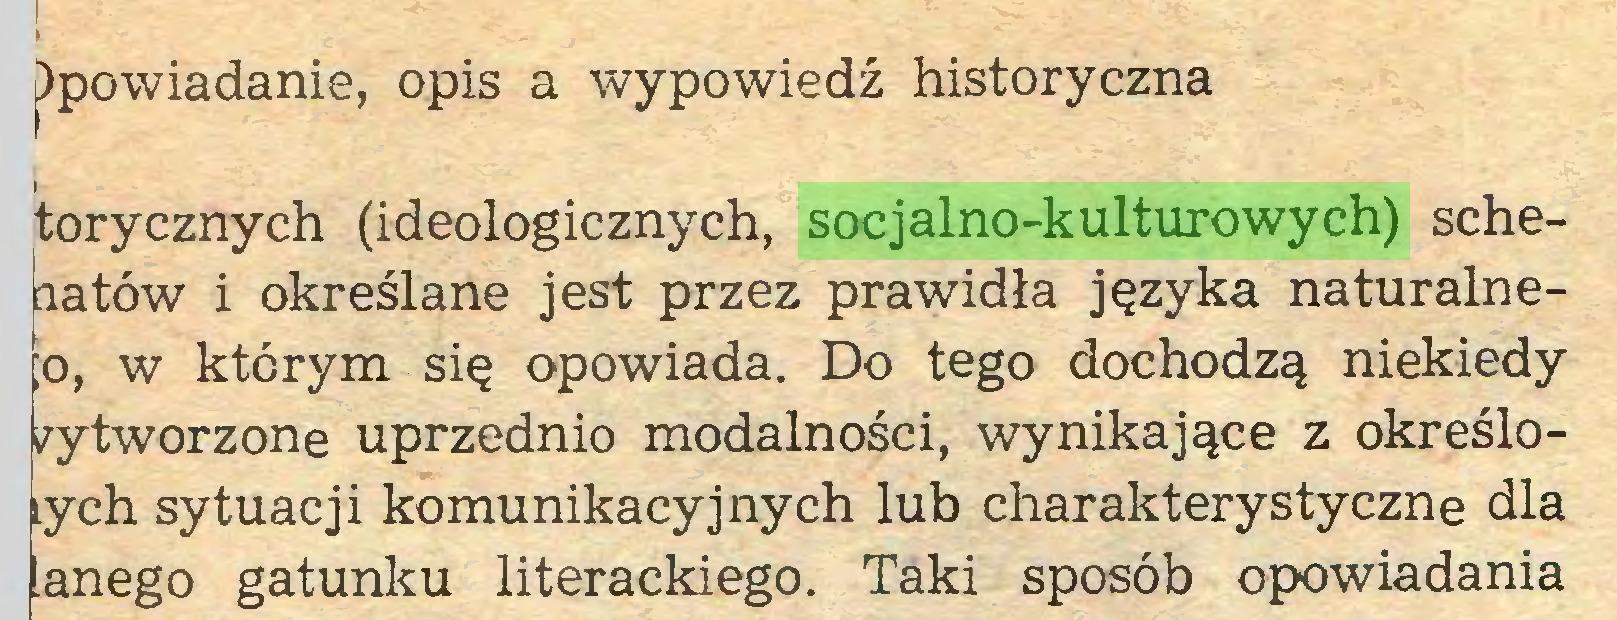 (...) )powiadanie, opis a wypowiedź historyczna torycznych (ideologicznych, socjalno-kulturowych) schematów i określane jest przez prawidła języka naturalneIo, w którym się opowiada. Do tego dochodzą niekiedy wytworzone uprzednio modalności, wynikające z określoych sytuacji komunikacyjnych lub charakterystyczne dla anego gatunku literackiego. Taki sposób opowiadania...